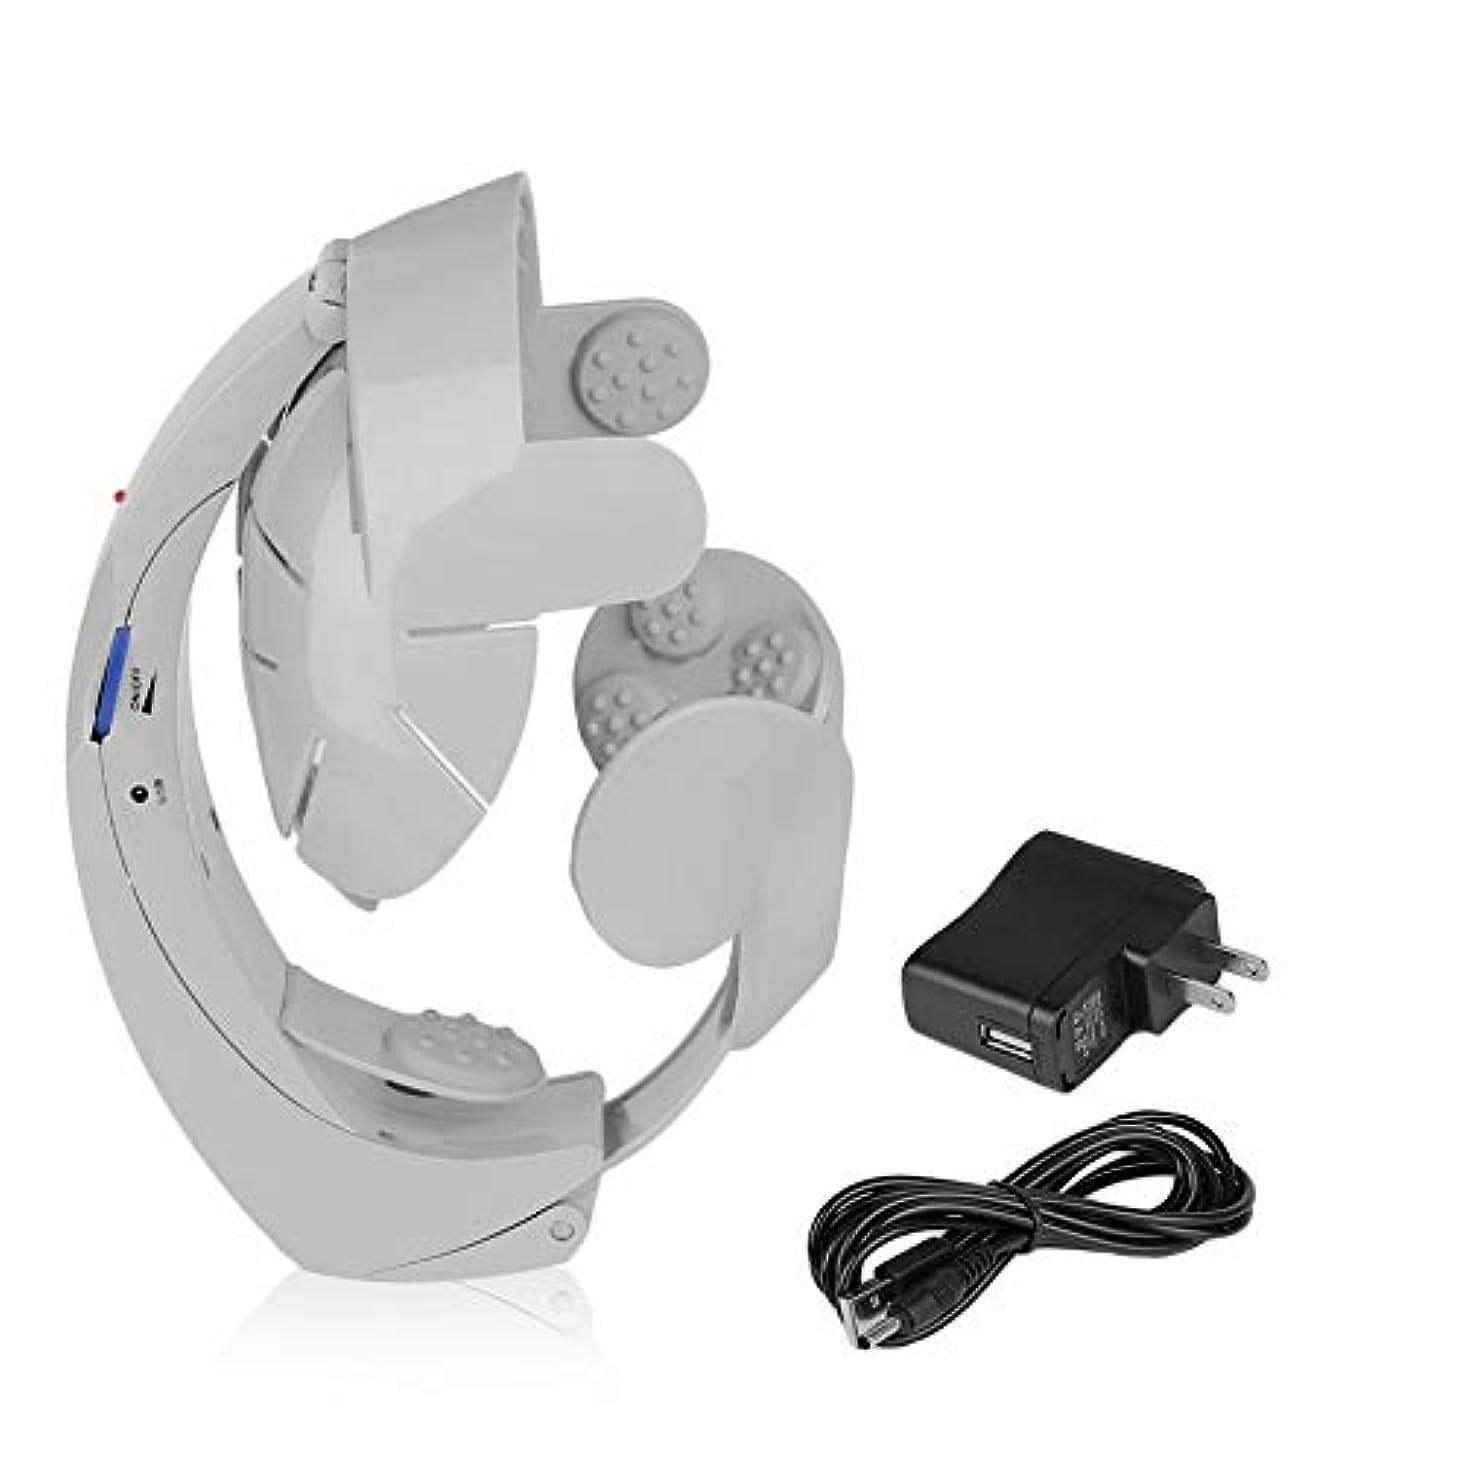 野心地下鉄財団電気ヘッドマッサージャーの脳のマッサージは刺鍼術ポイント灰色の方法を緩めます-Innovationo